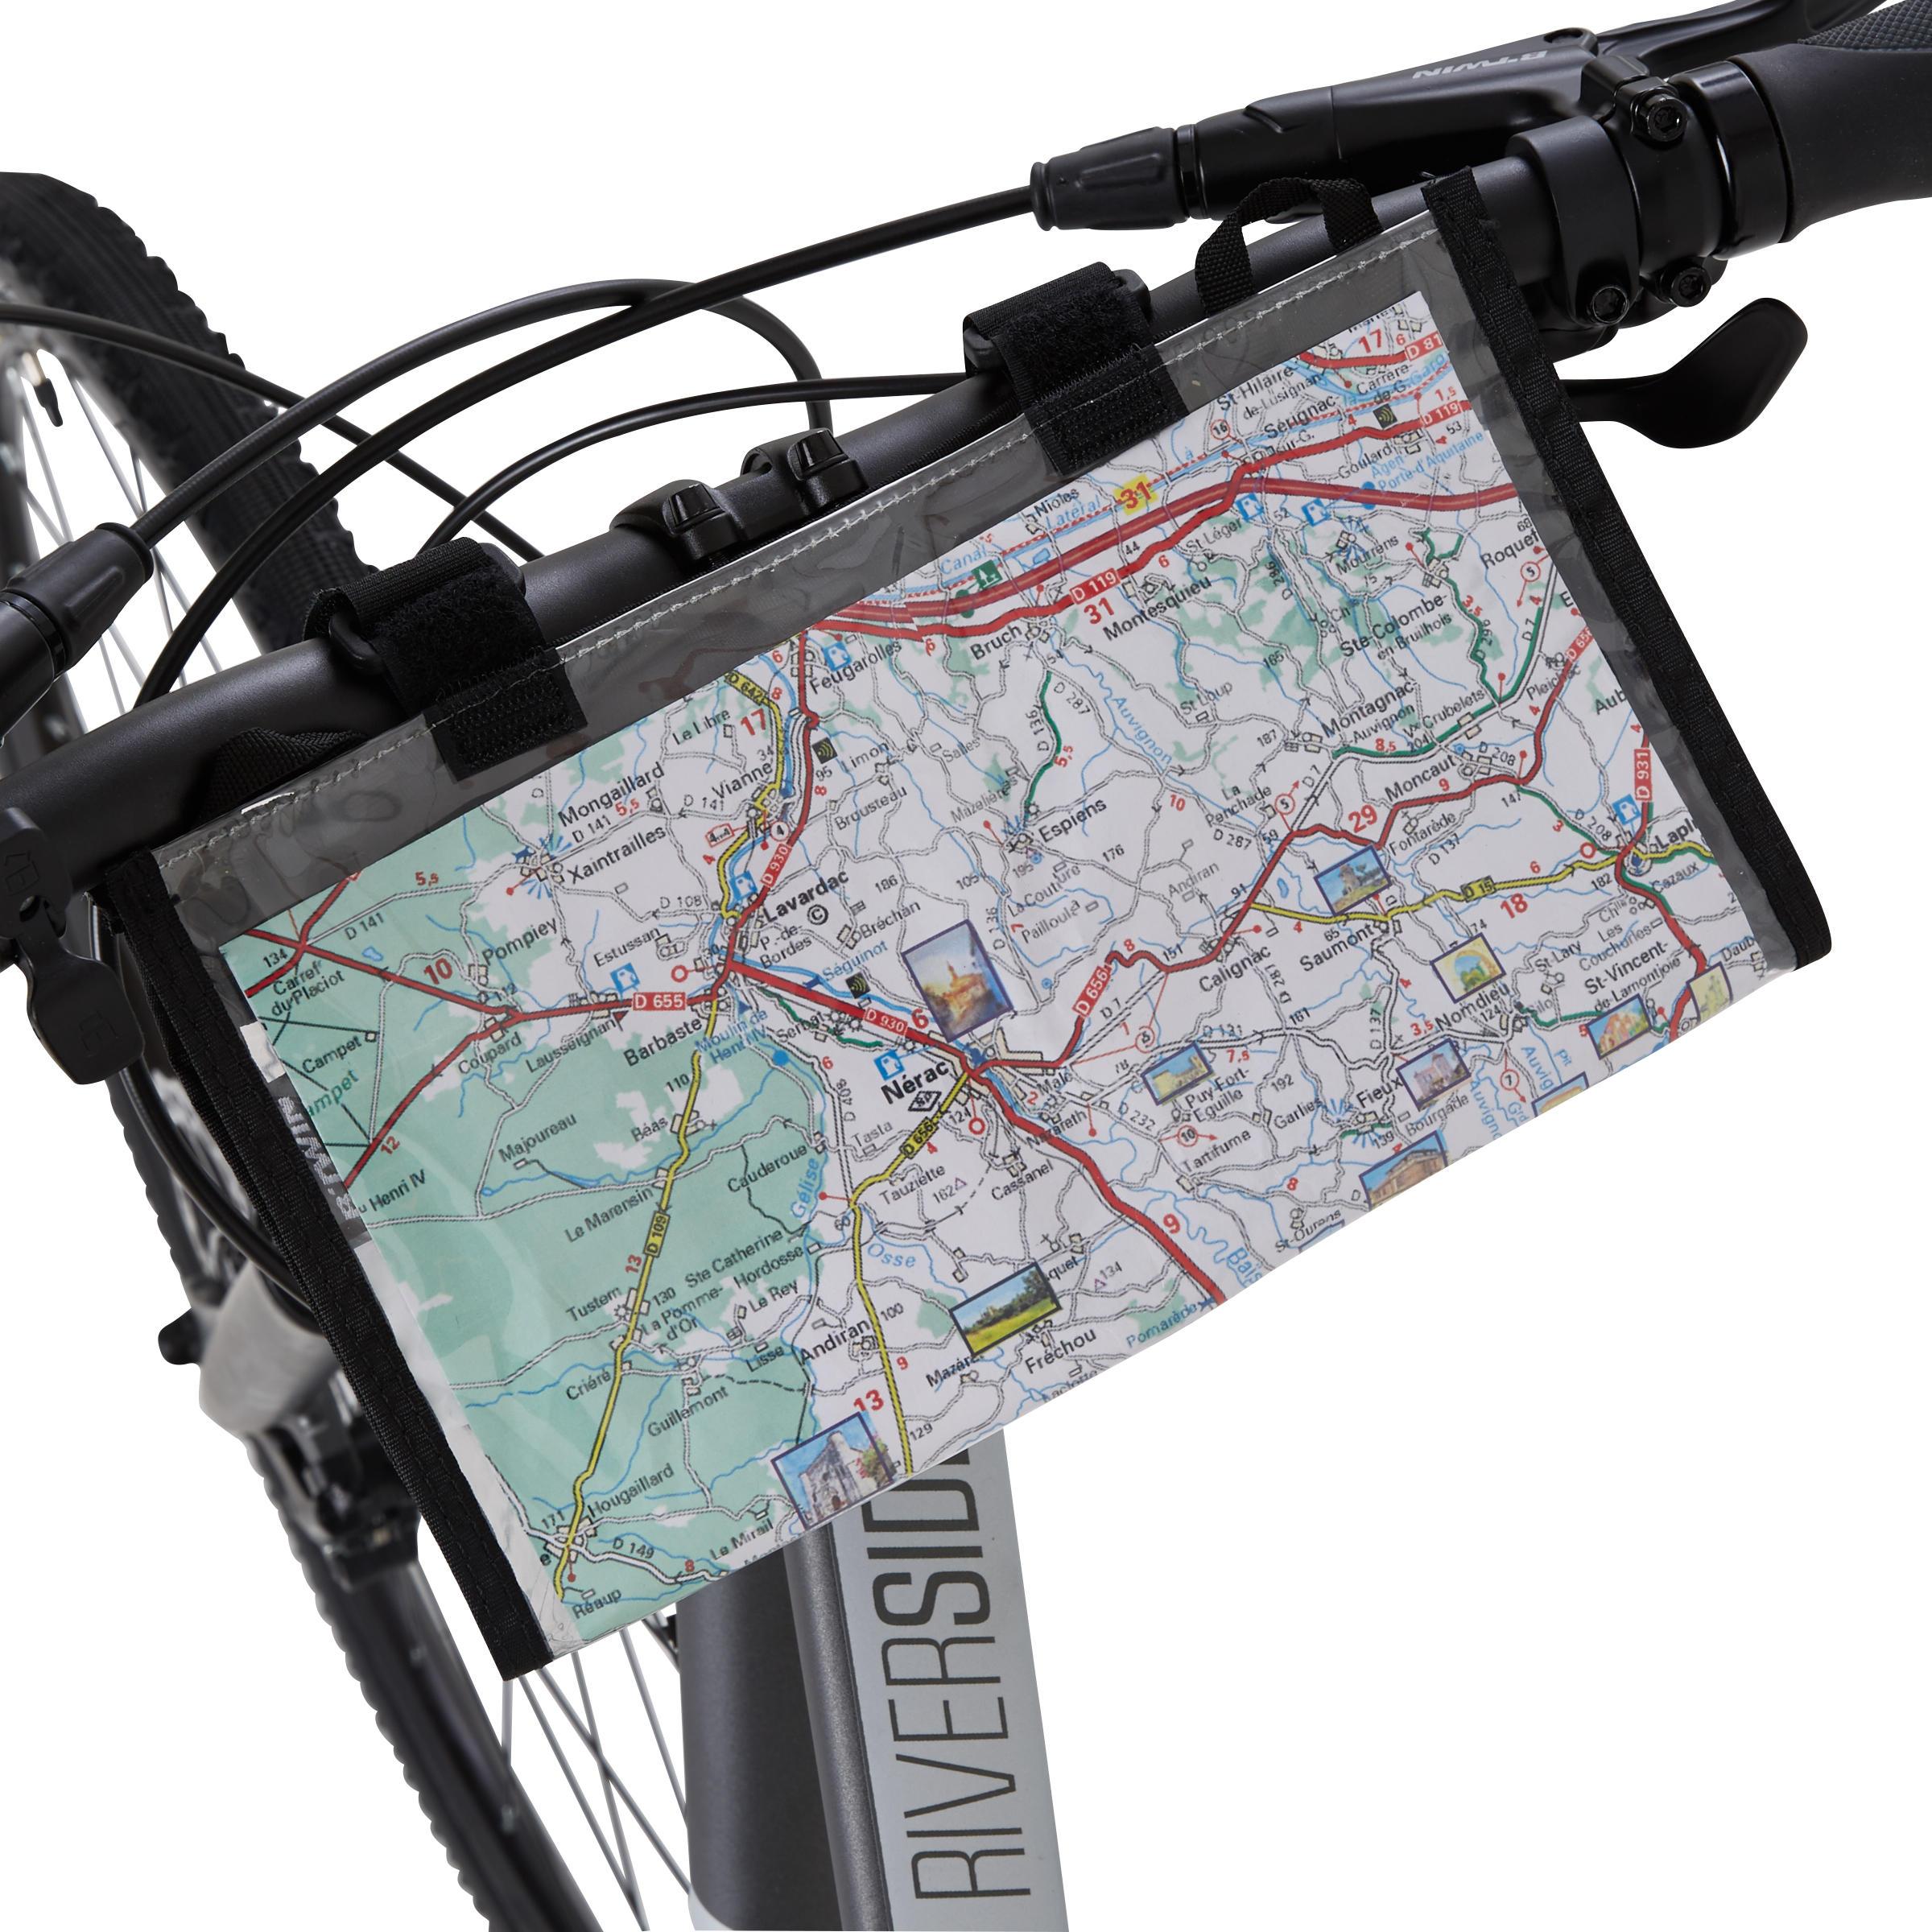 Handlebar Map Holder